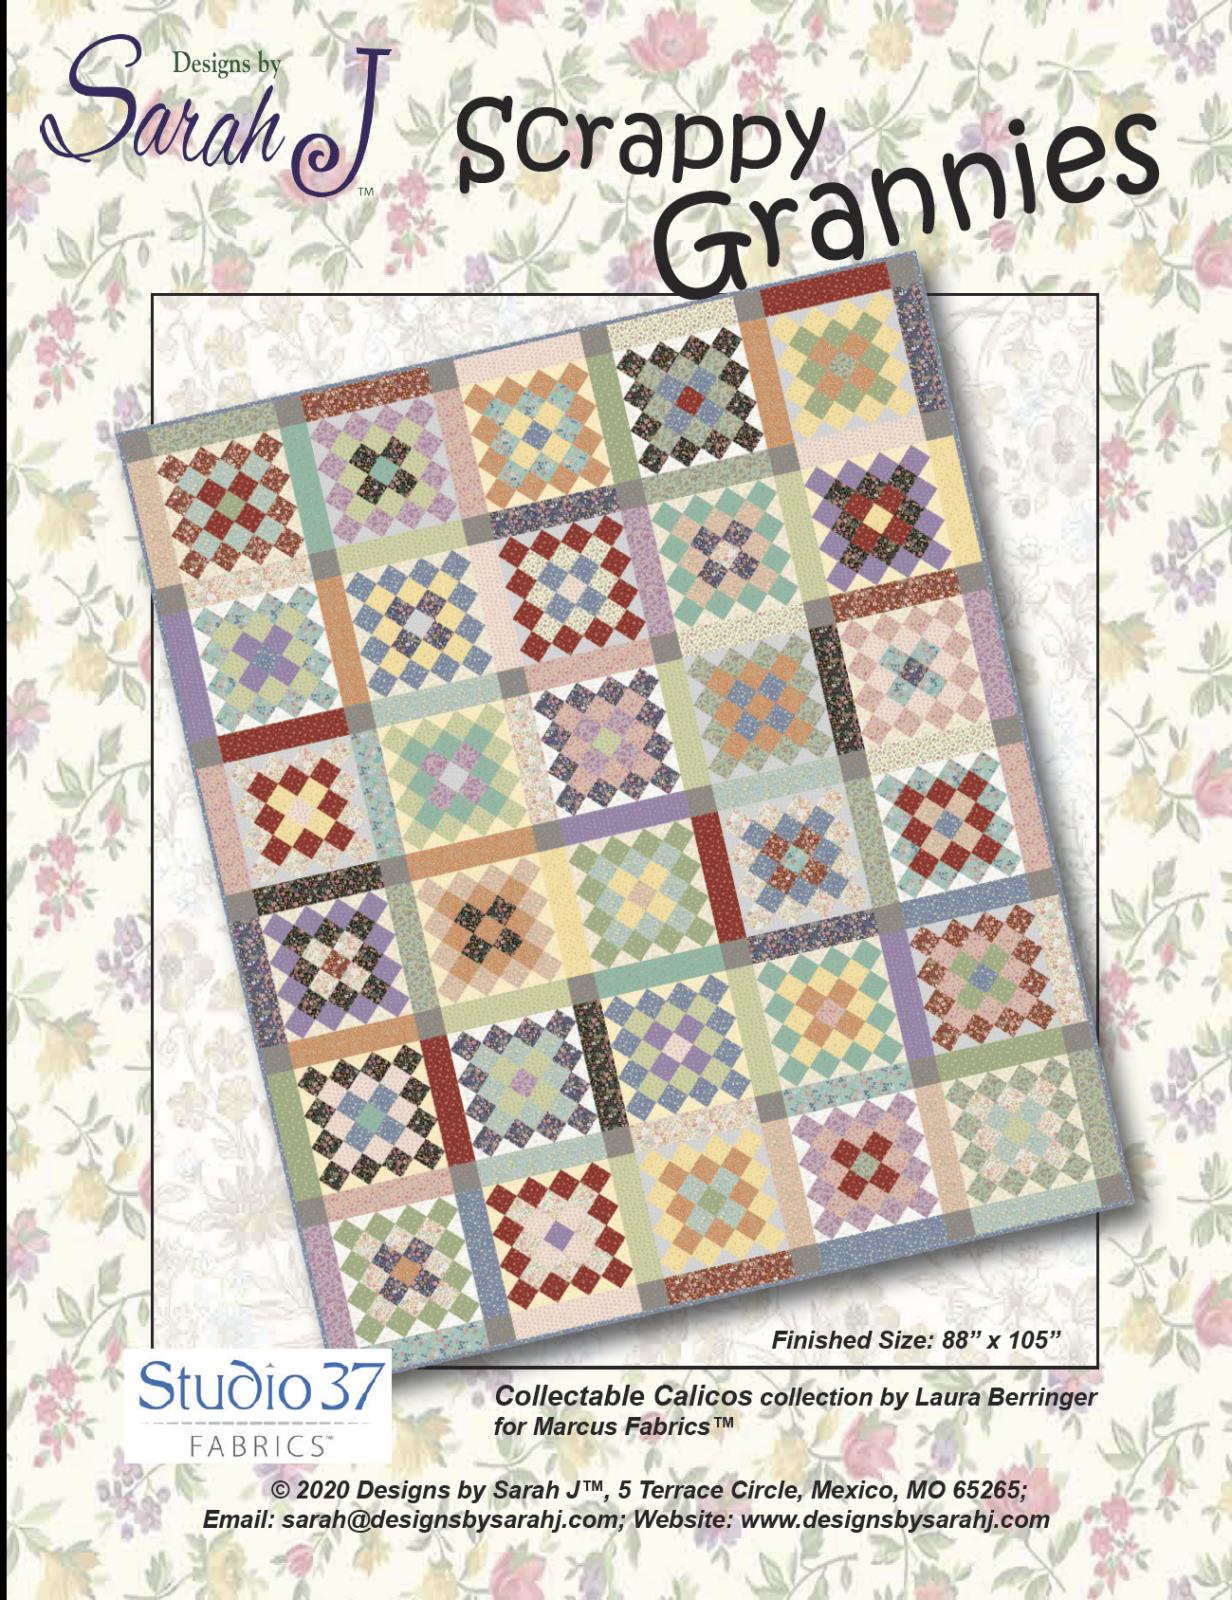 Scrappy Grannies--PDF version